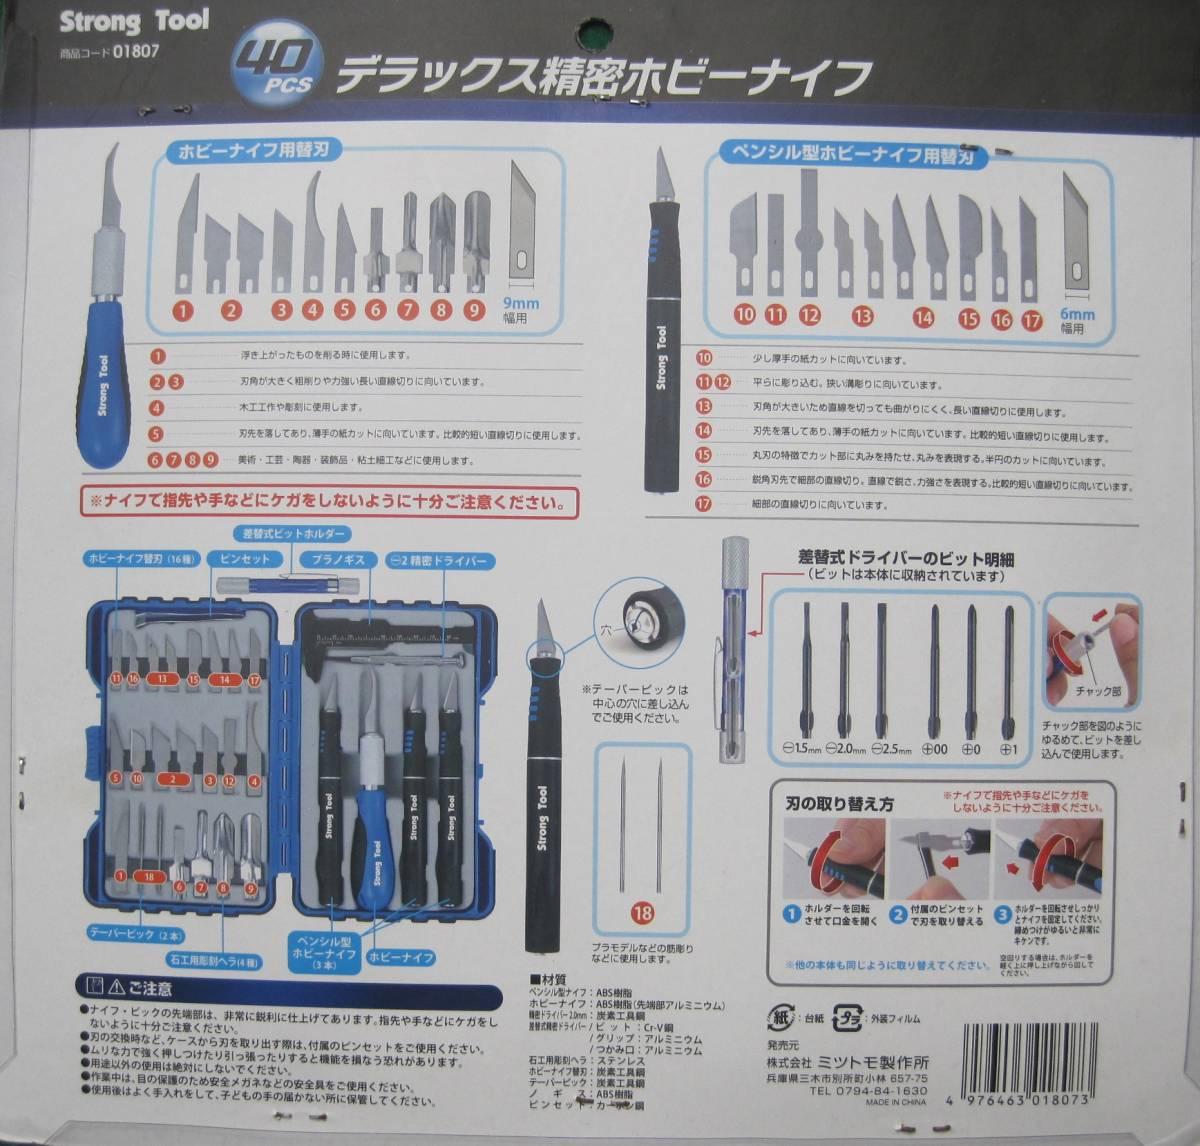 デラックス精密ホビーナイフ一部に多く錆があります在庫処分品送料全国一律普通郵便700円_画像2